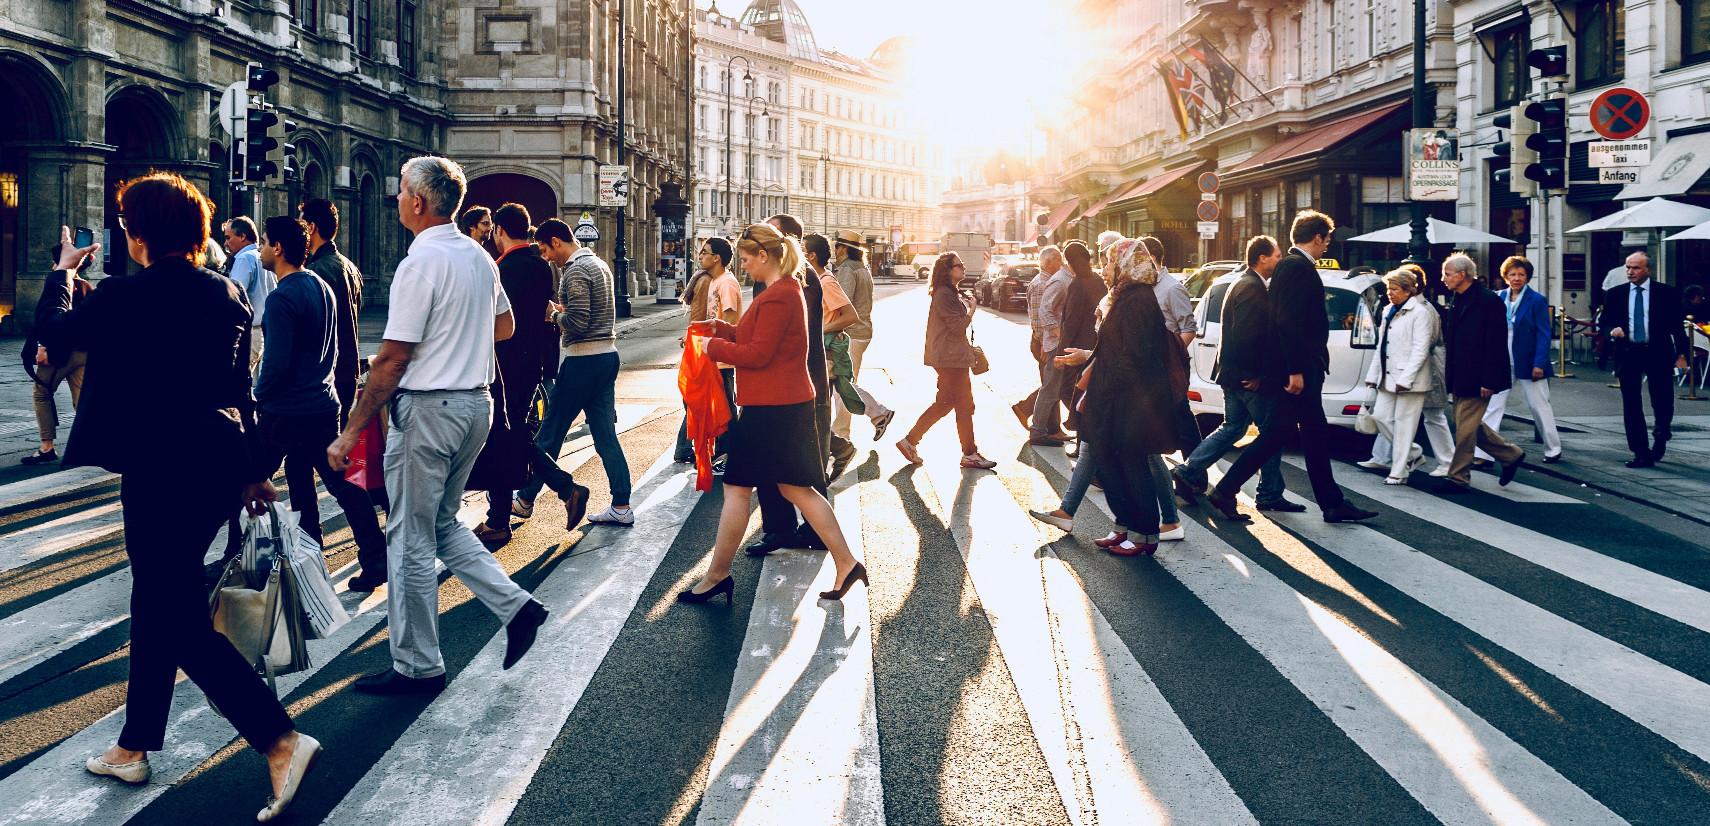 ljudi žurite